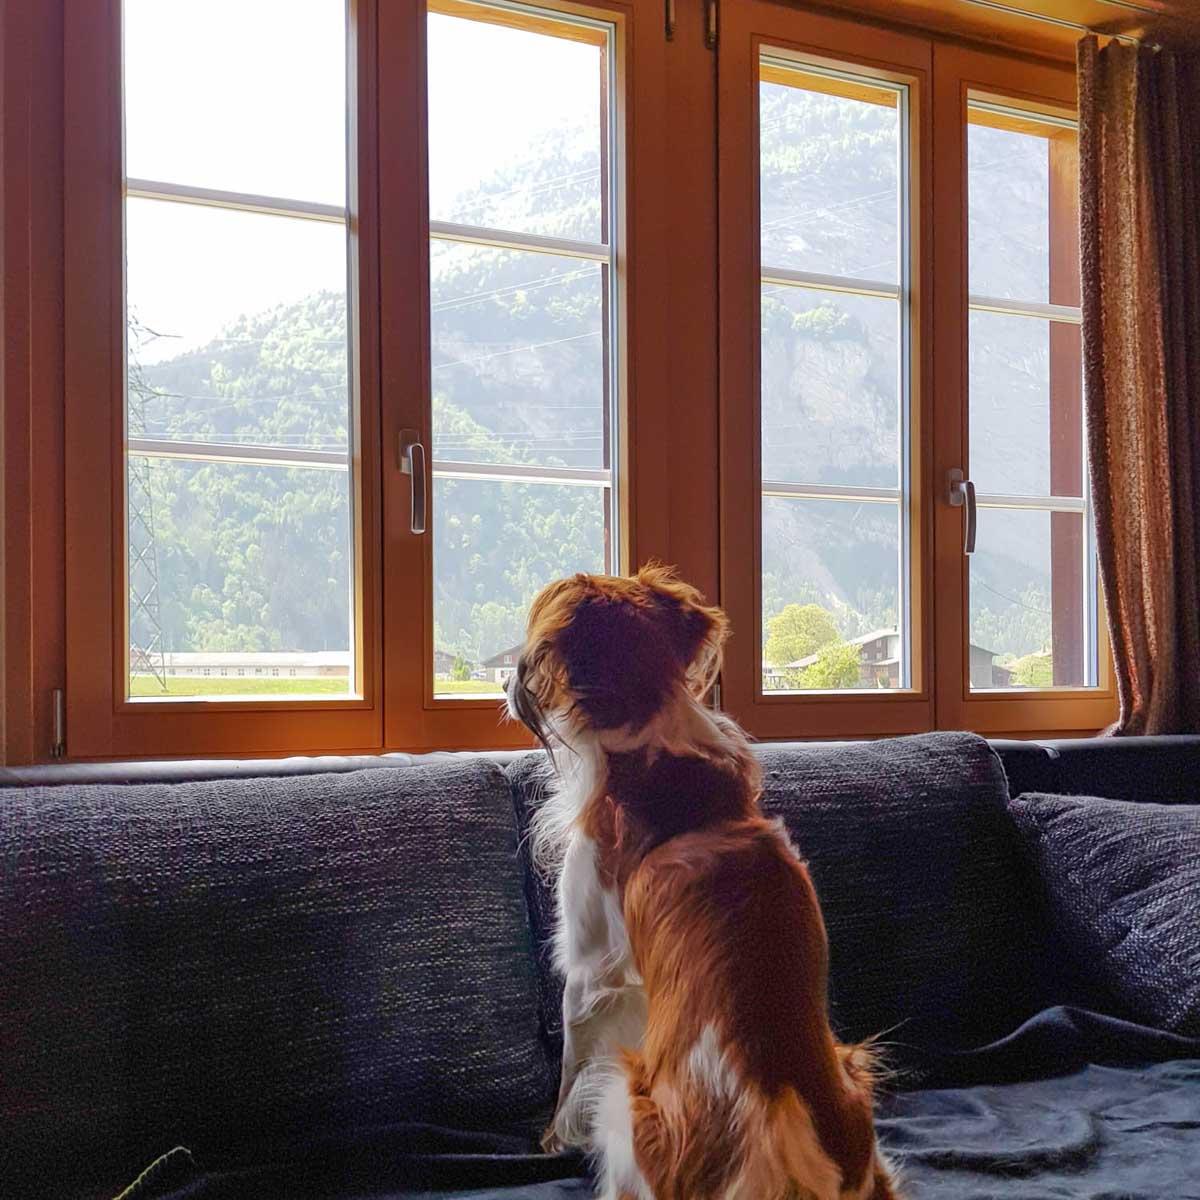 vakantiehuis Zwitserland met hond - Map of Joy